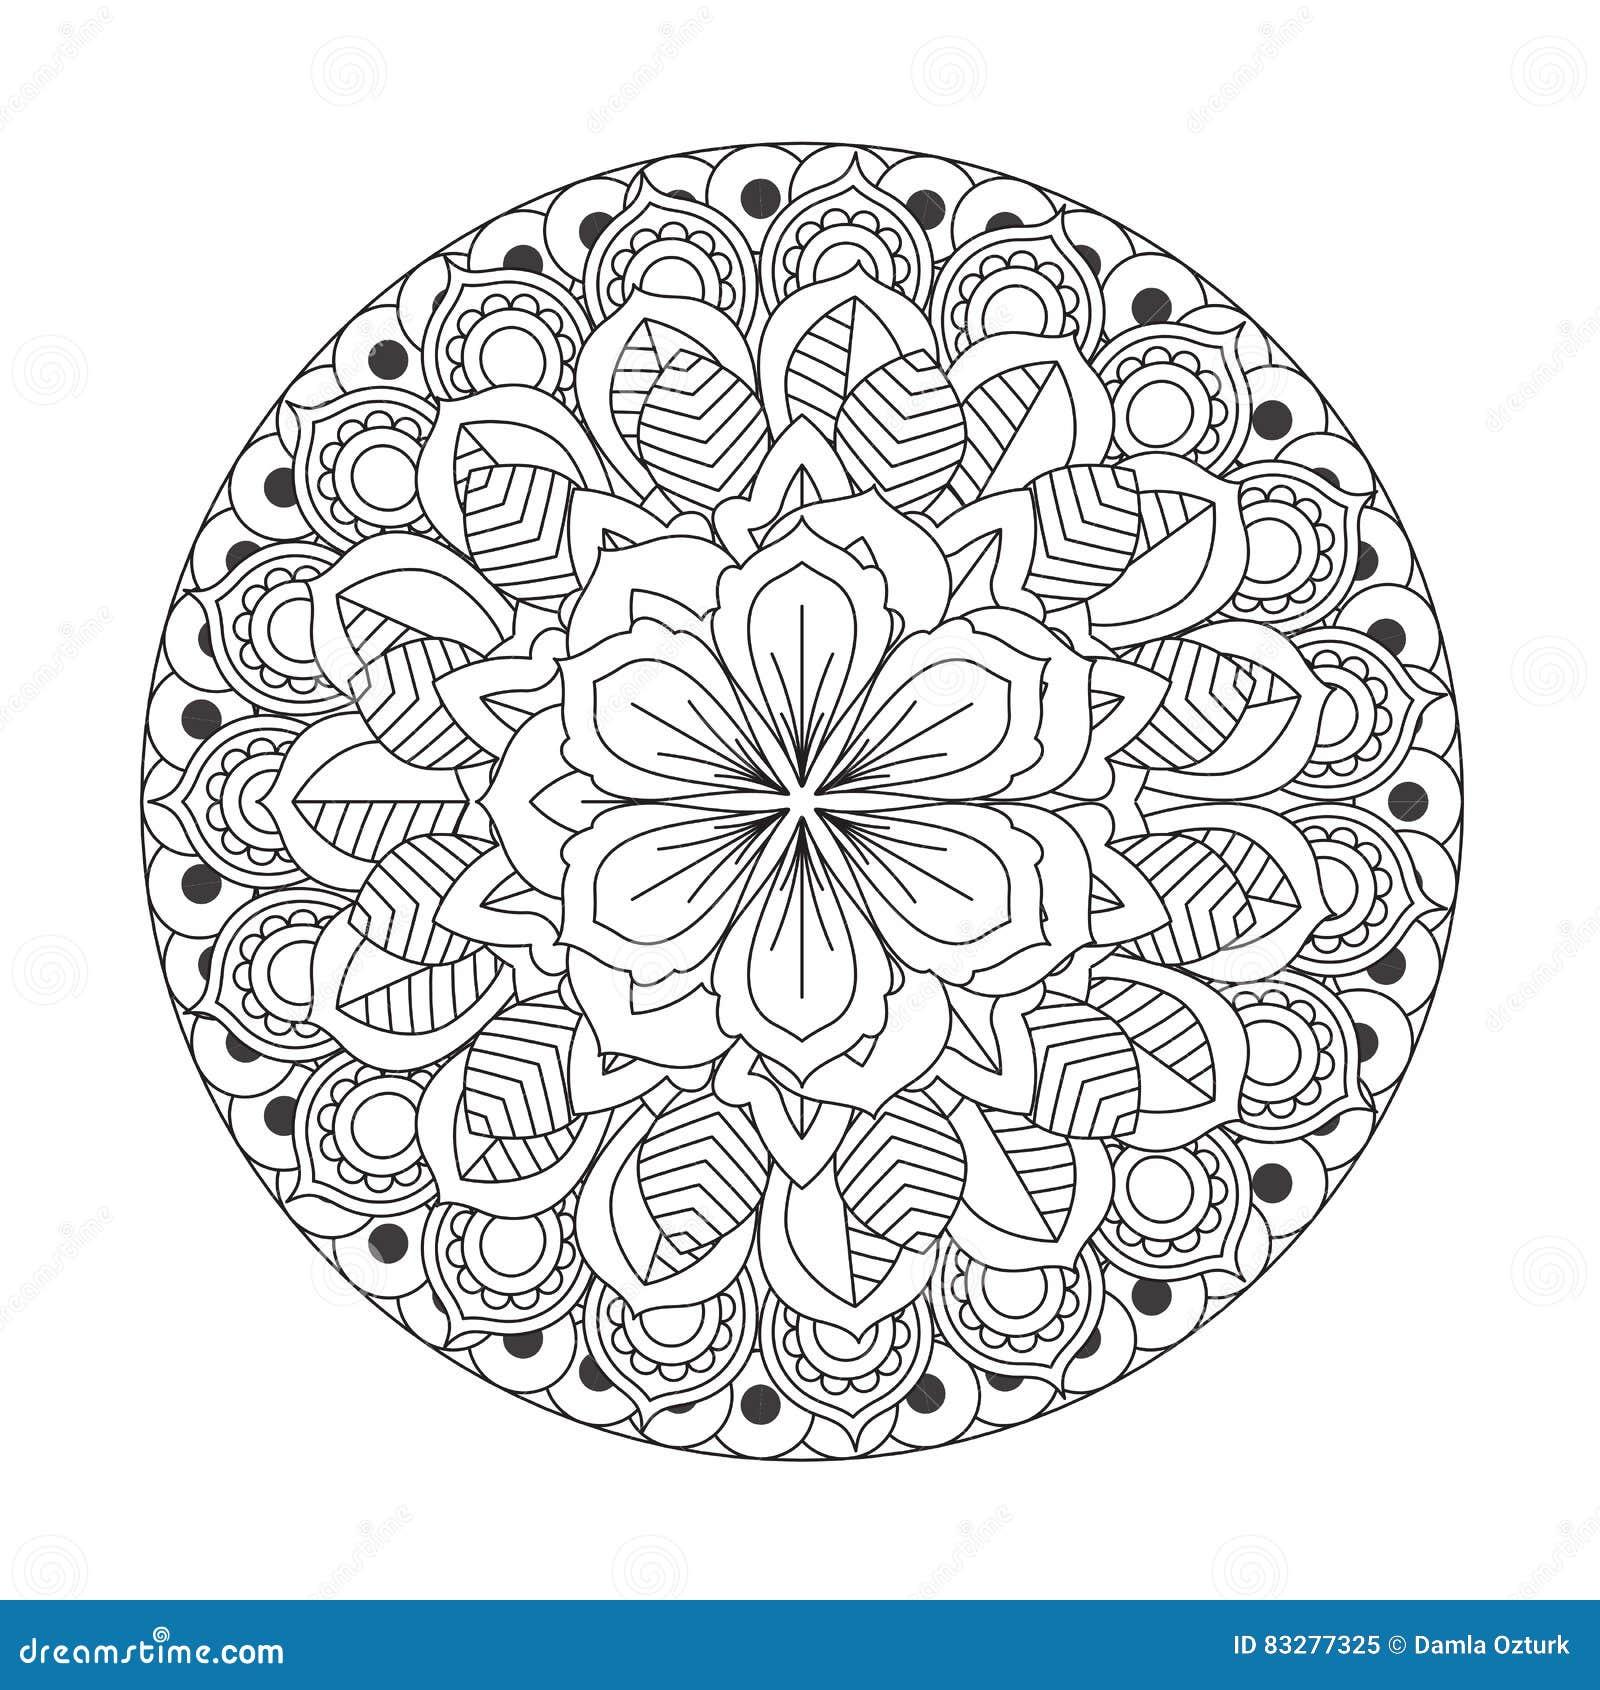 Coloriage Mandala Rond.Mandala D Ensemble Pour Livre De Coloriage Ornement Rond Decoratif